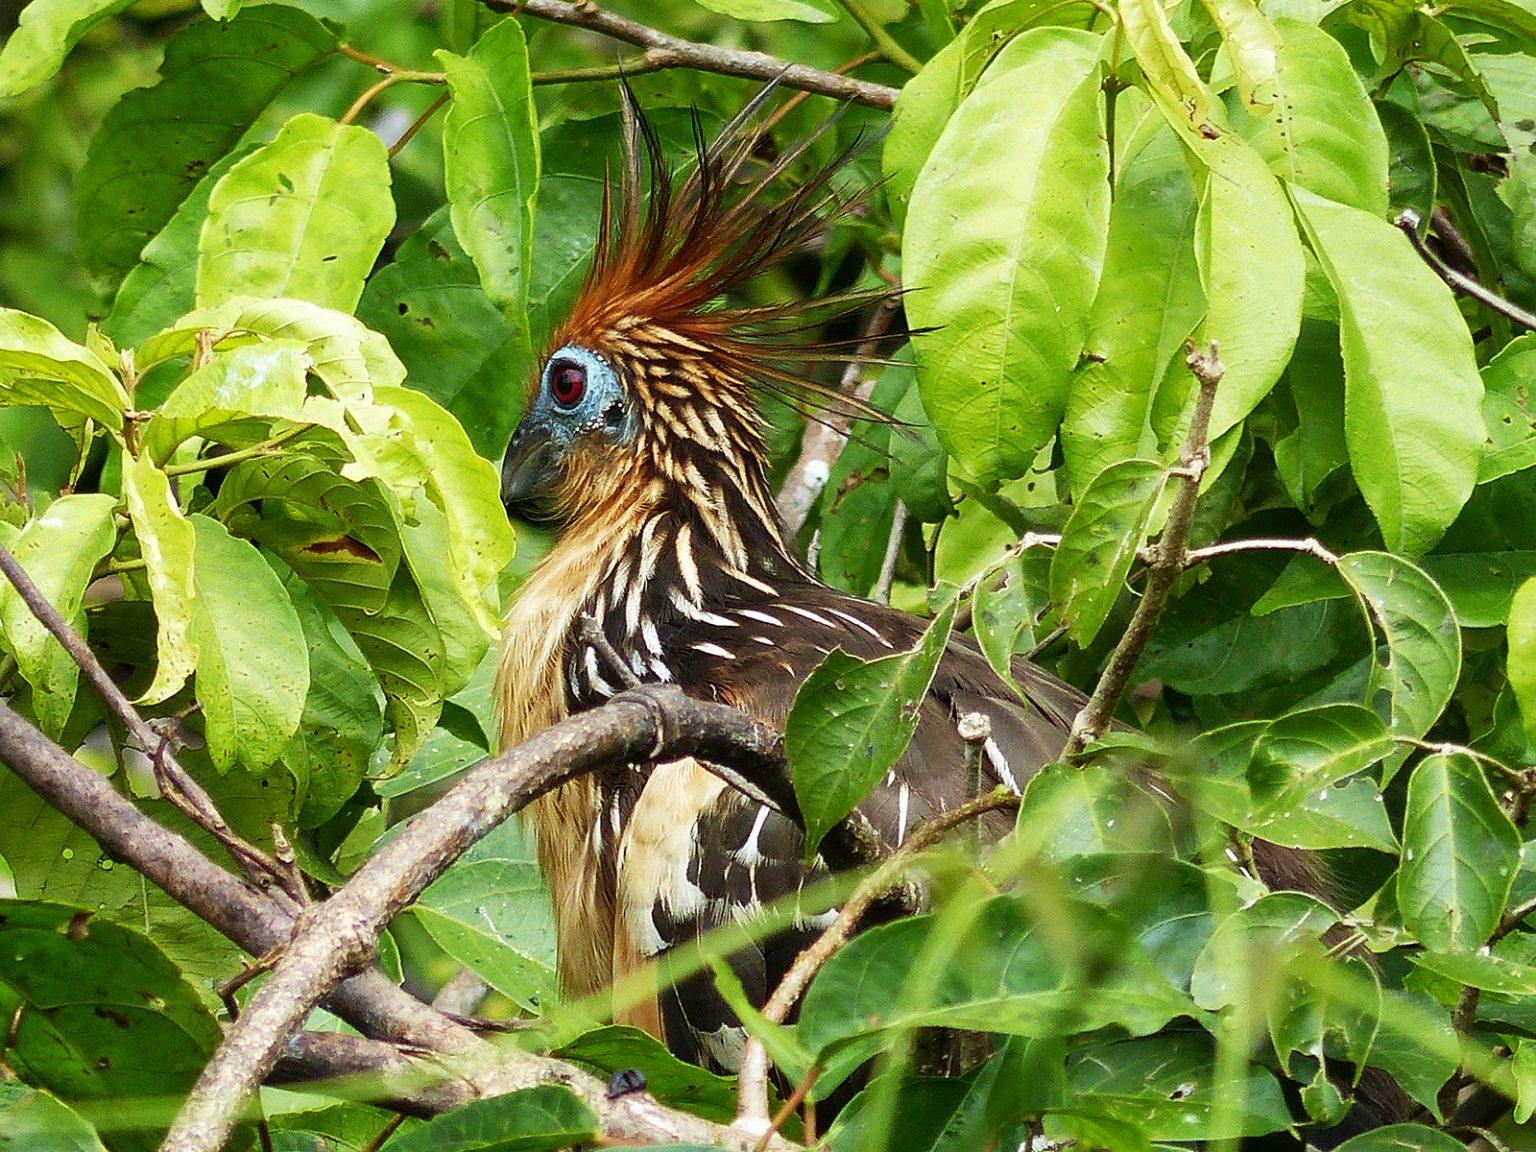 Exotic Hoatzin bird of the Amazon, Peru